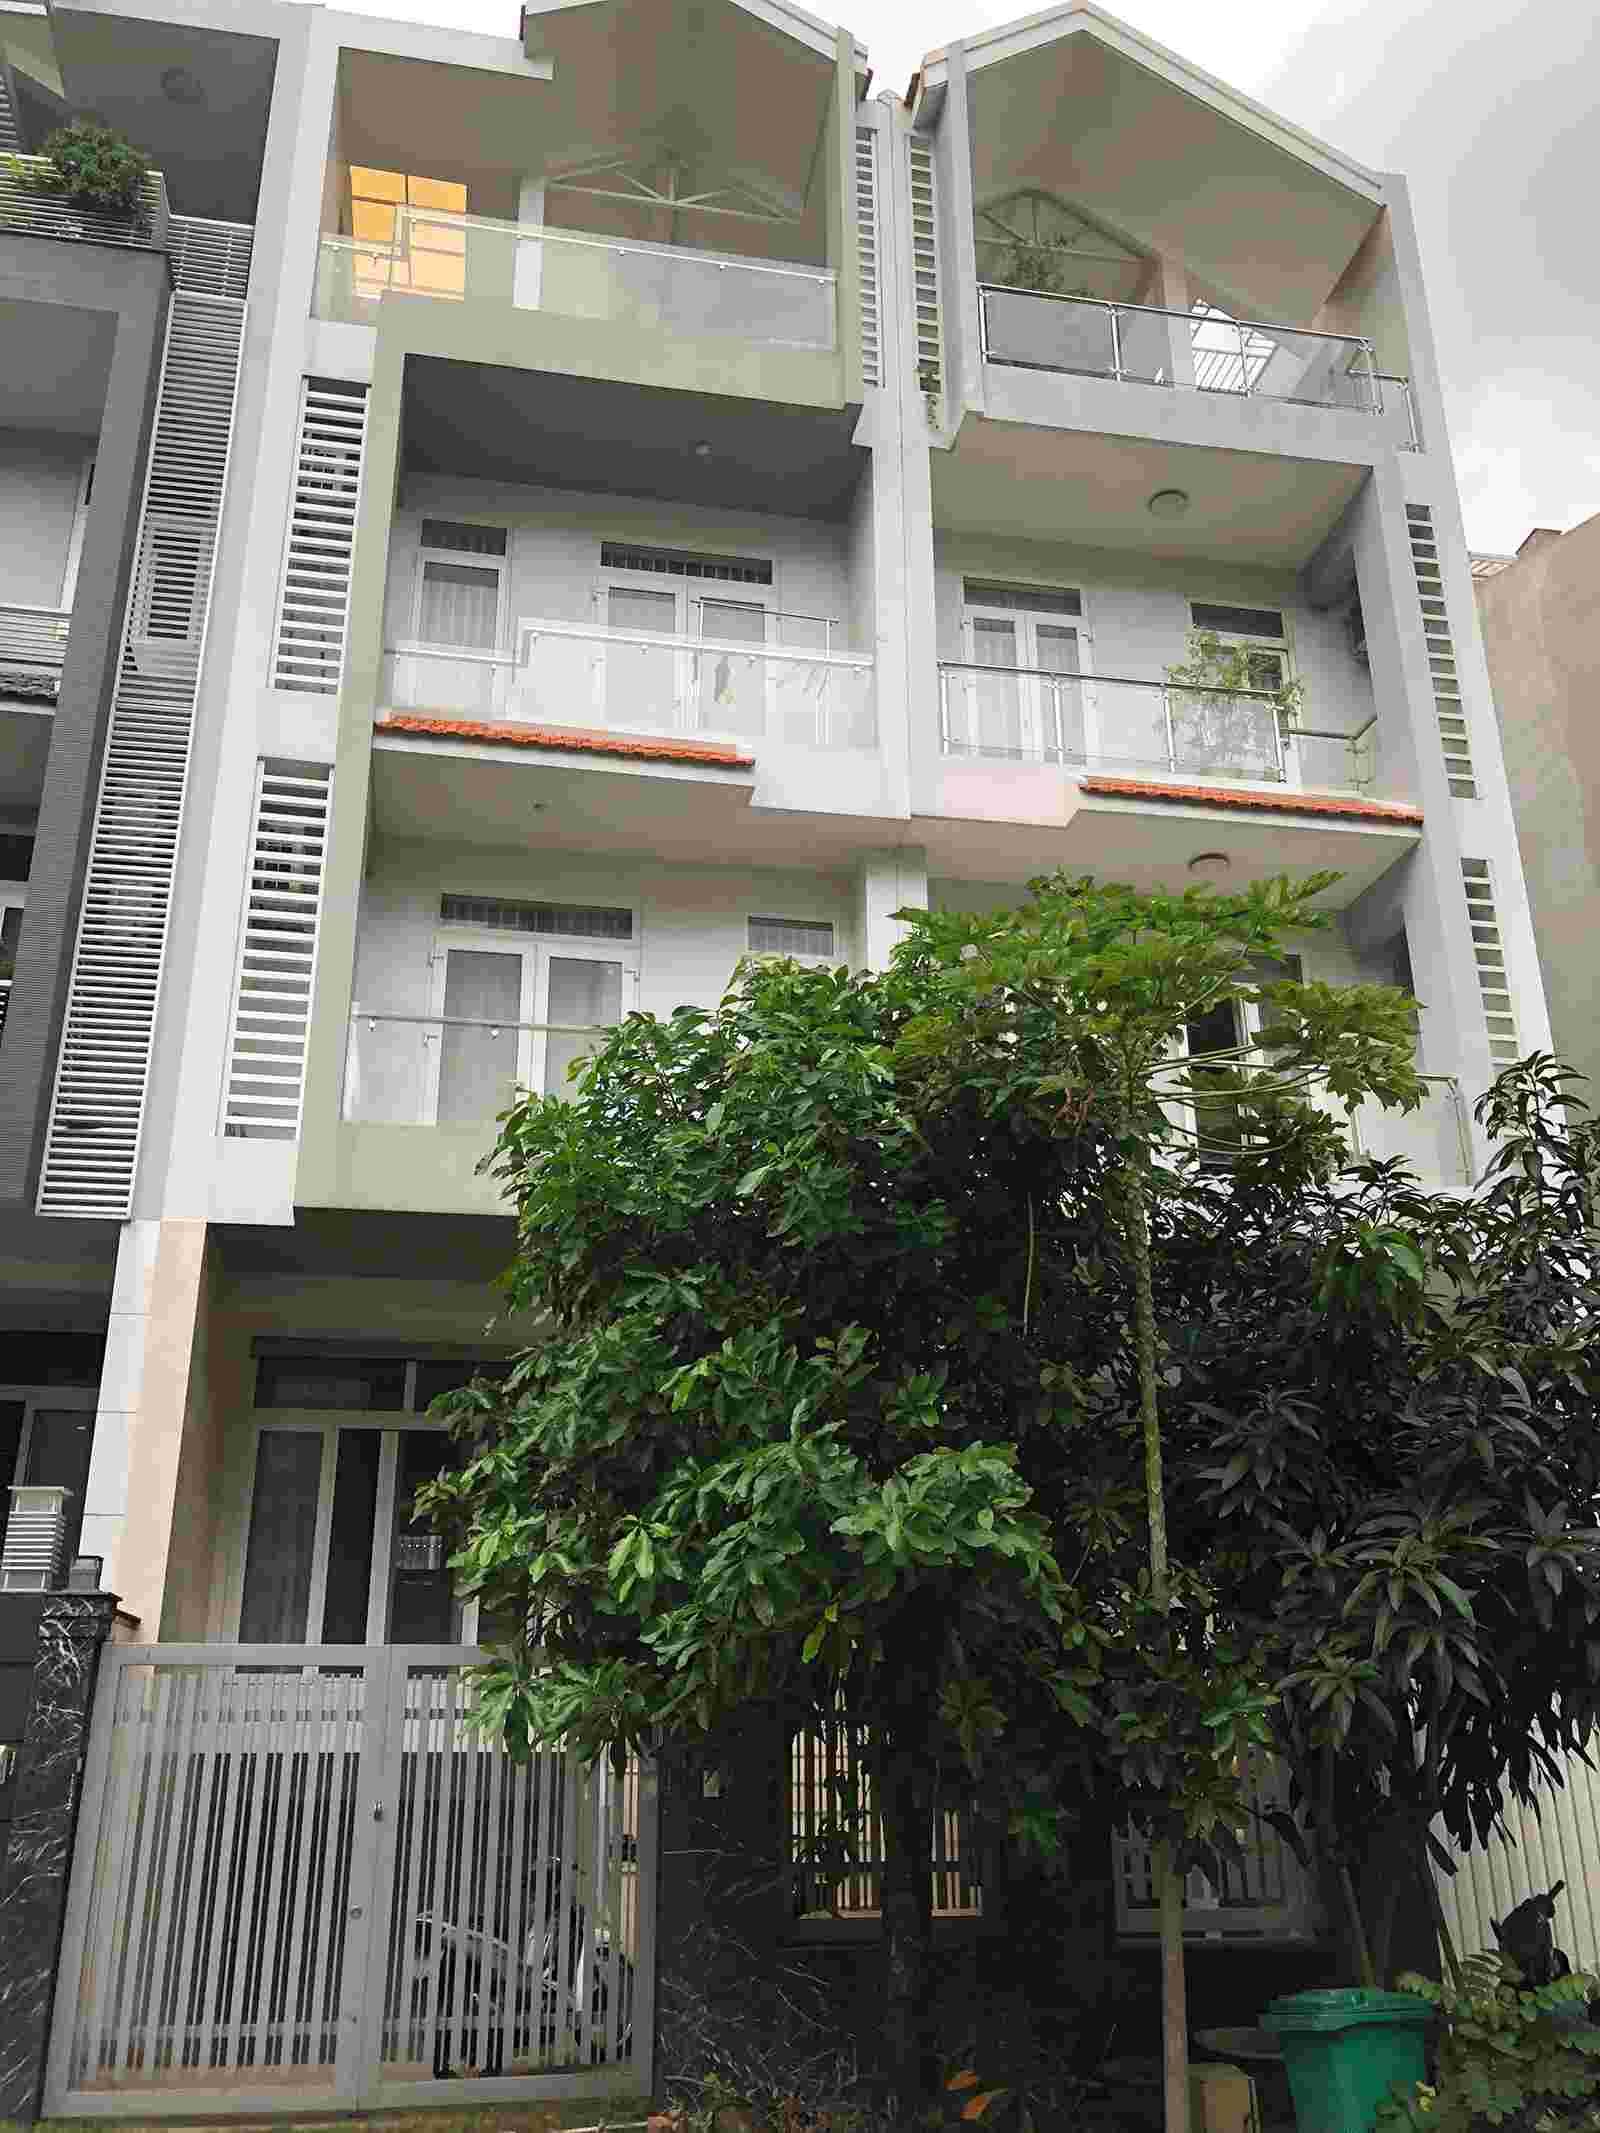 Cần bán nhà phố khu tái định cư Him Lam Kênh Tẻ, mặt tiền đường D4, 1 hầm, 1 trệt, 2 lầu, nội thất cơ bản, vị trí đẹp, 20.5 tỷ. LH: 0913.050.053